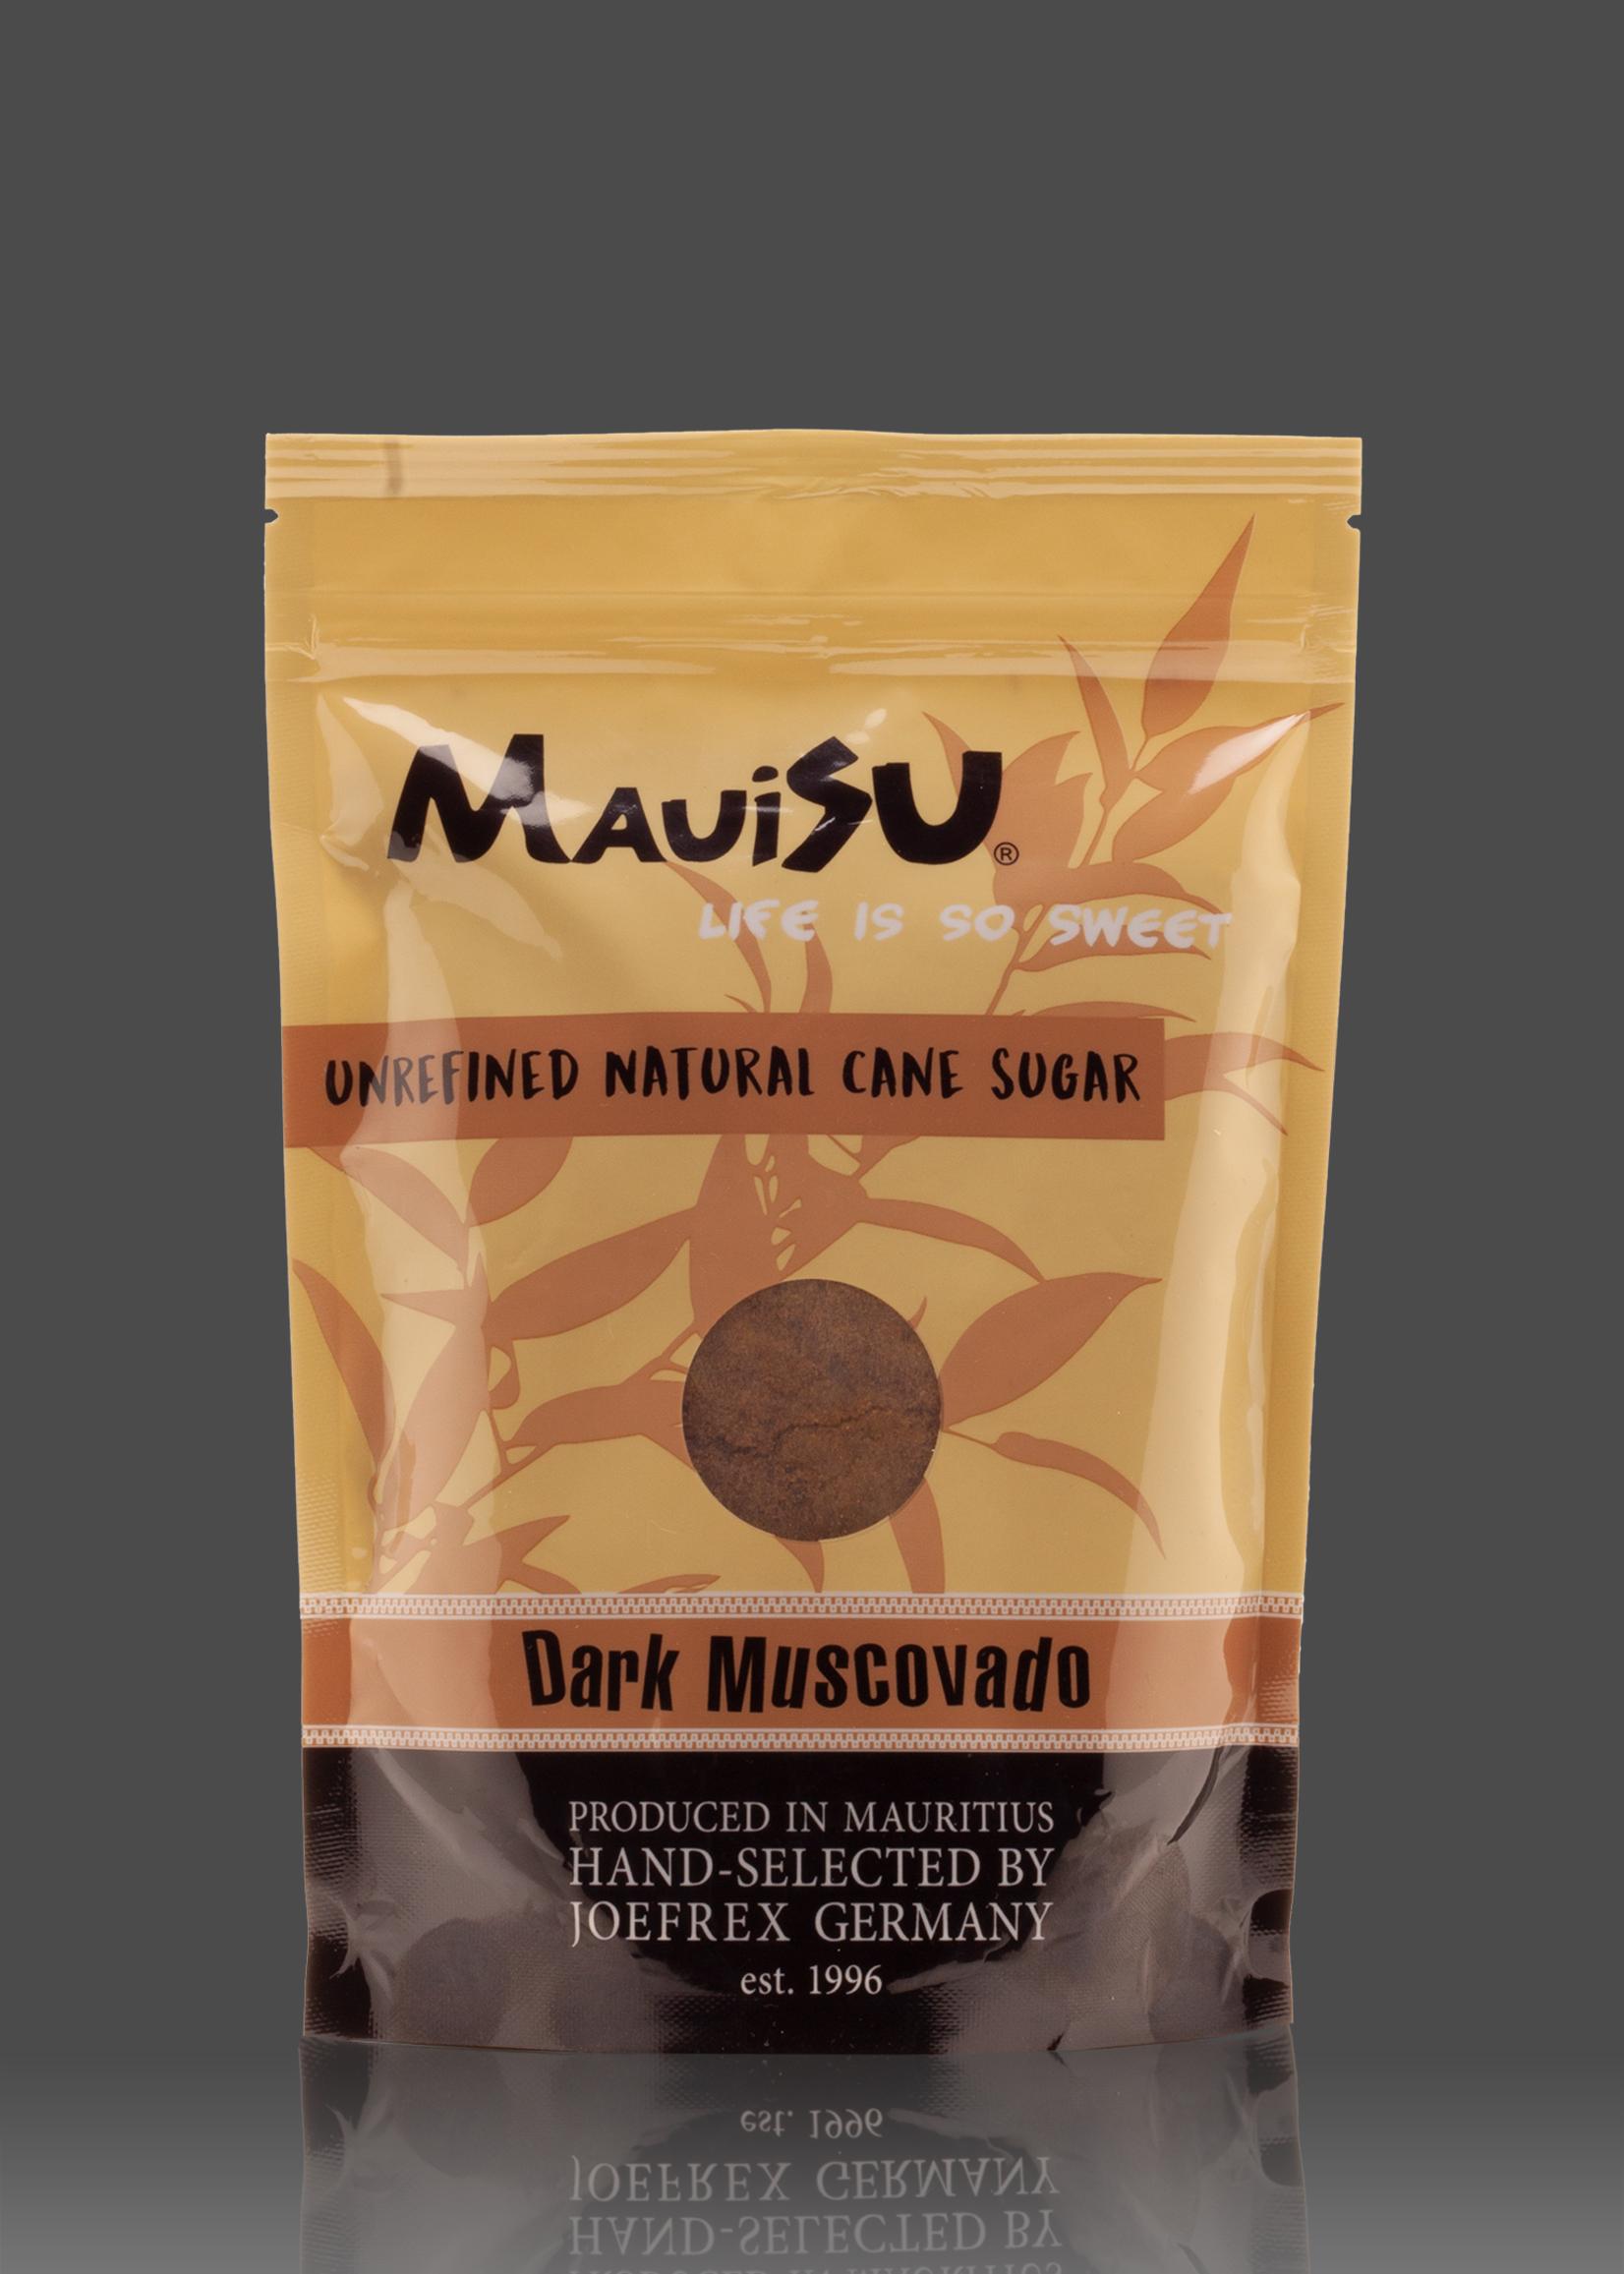 MauiSU Light Muscovado 500g - Copy